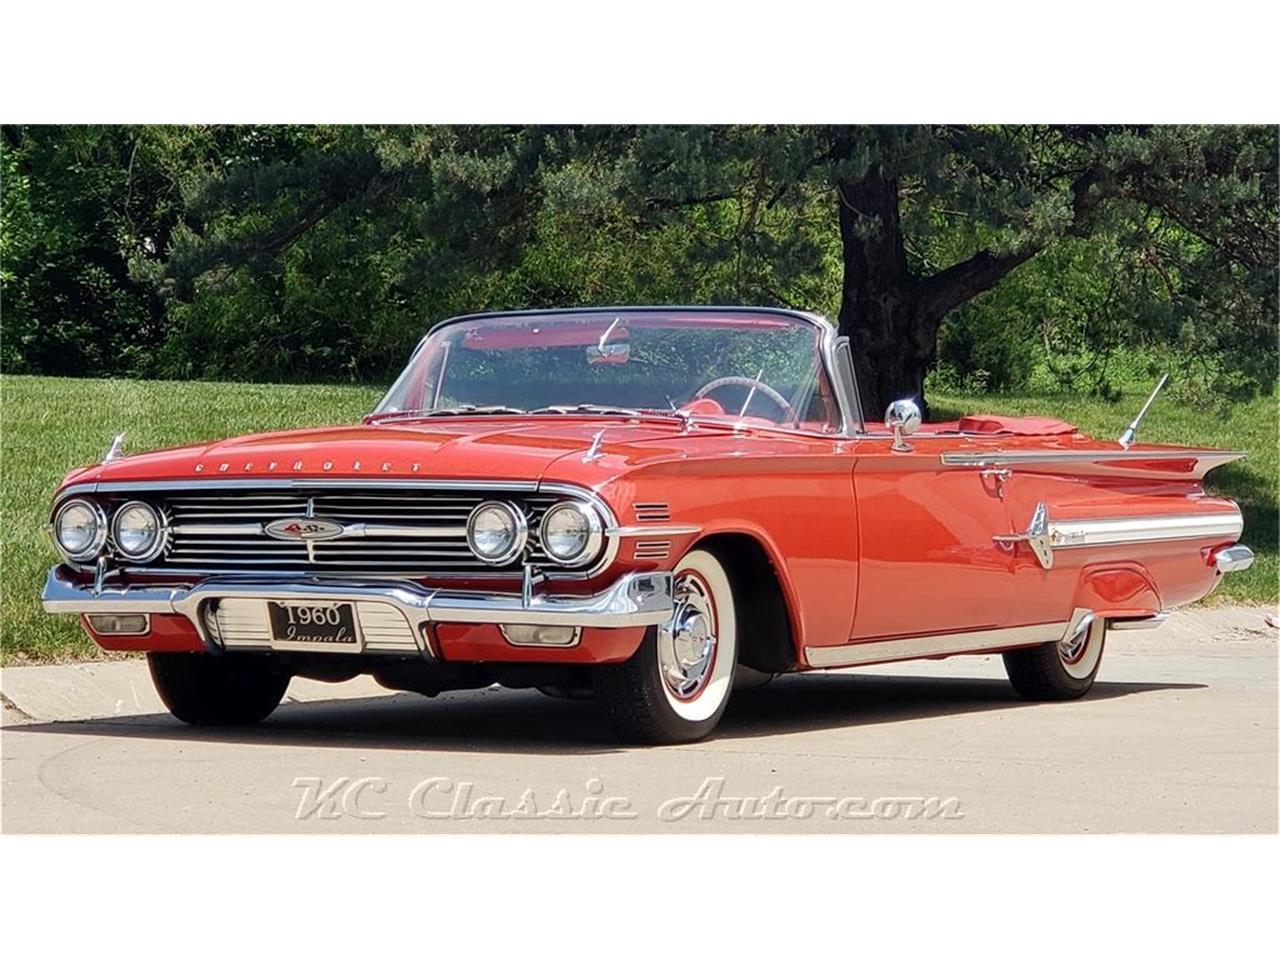 For Sale 1960 Chevrolet Impala In Lenexa Kansas